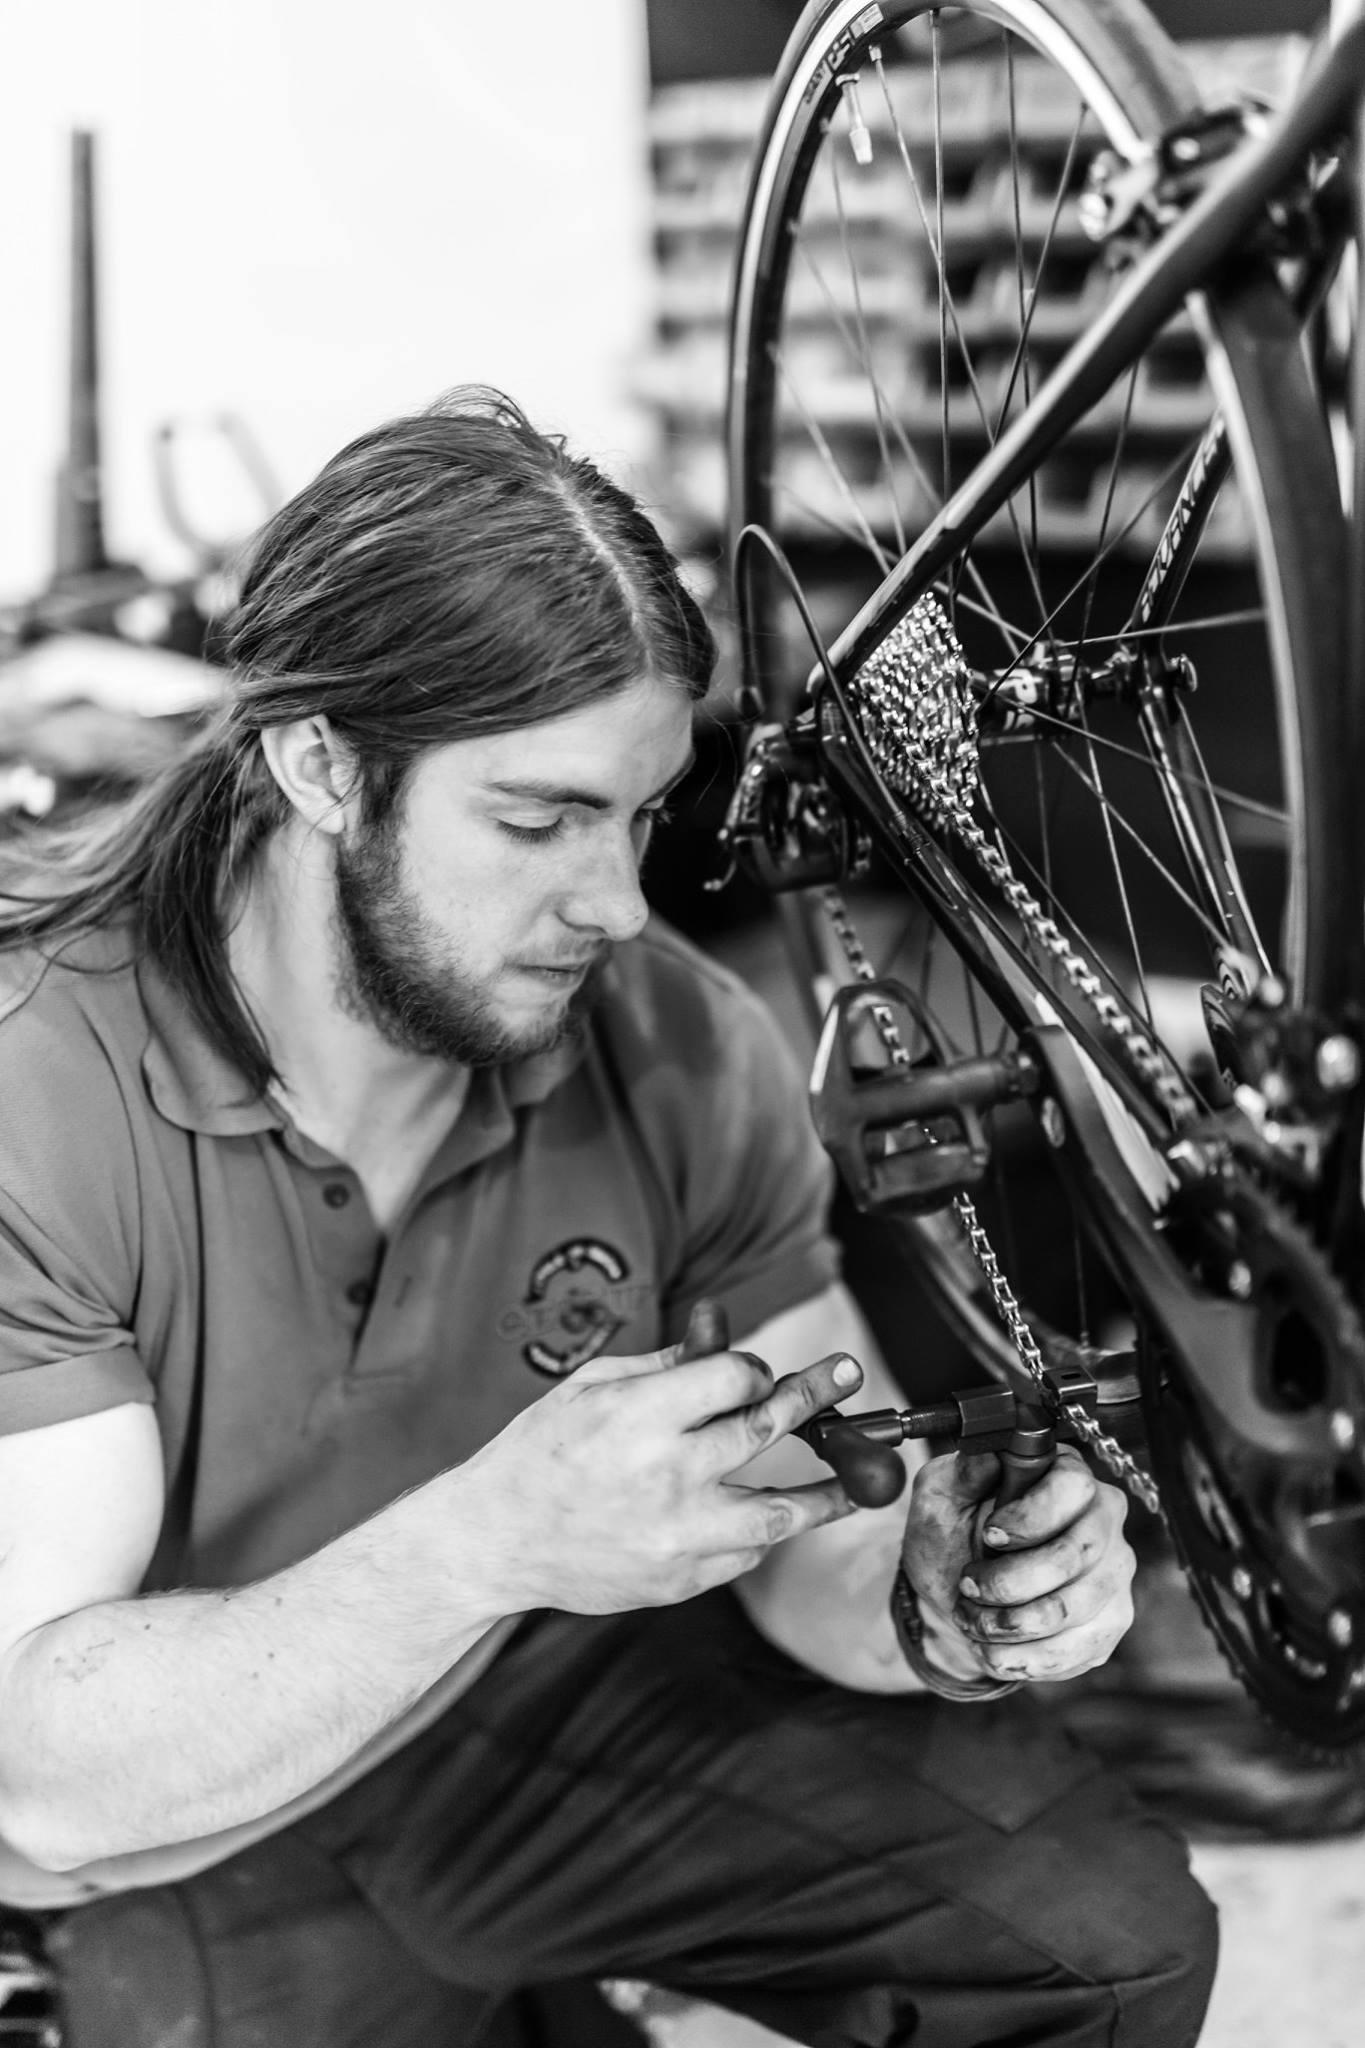 Bike shop birmingham